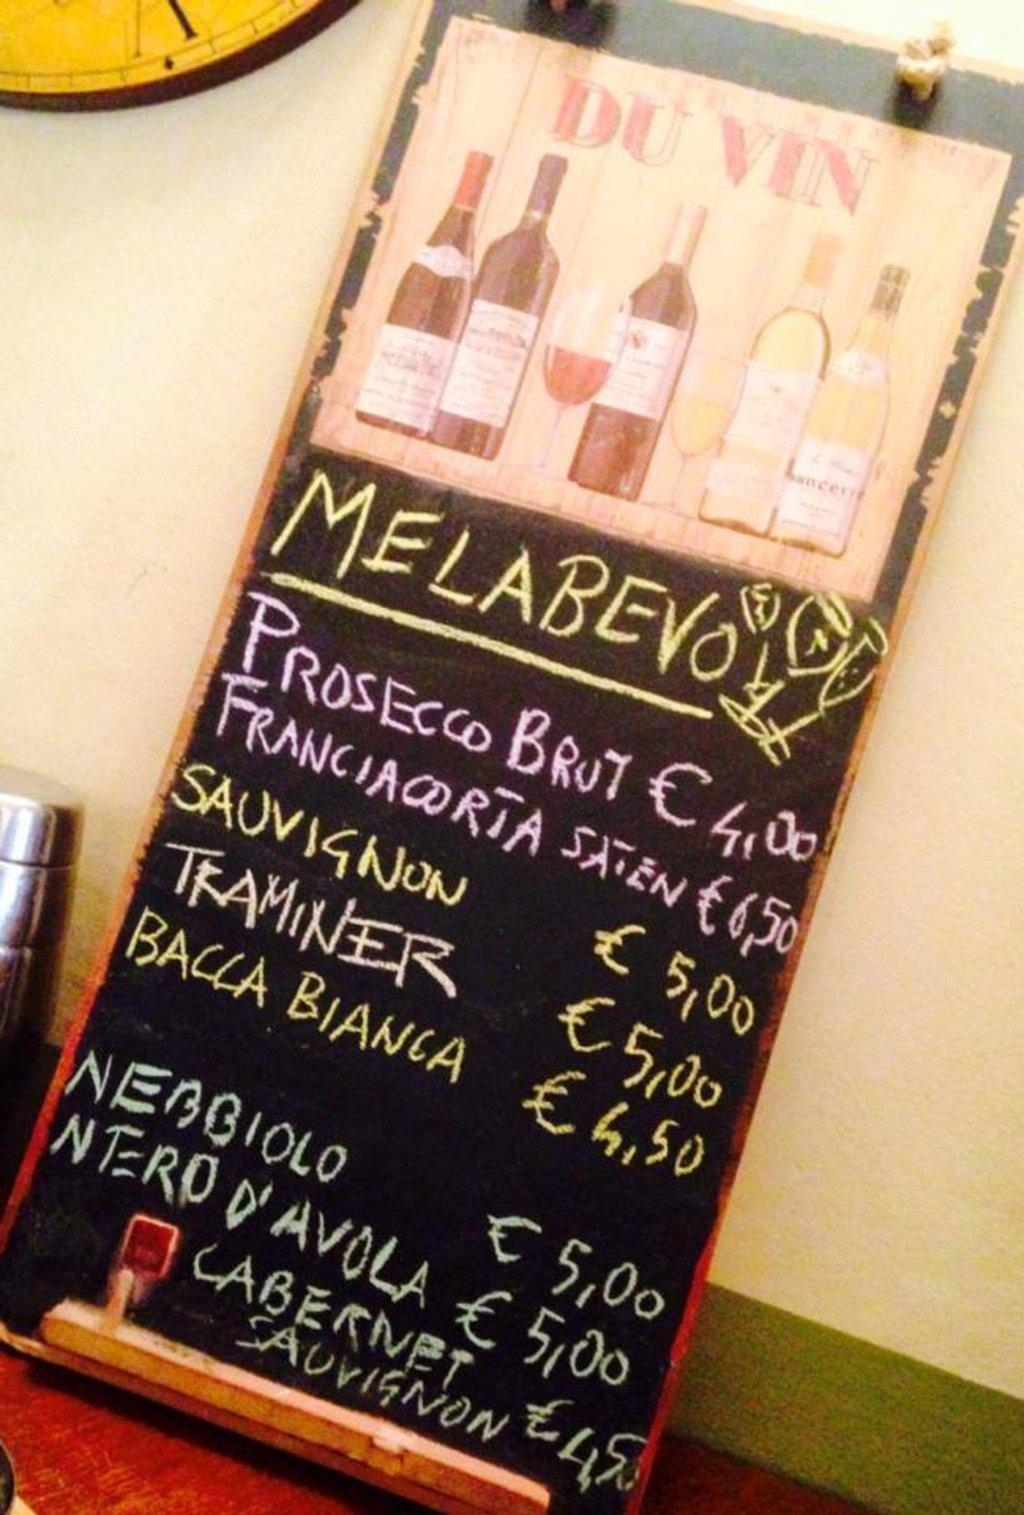 Al Melabevo dalla Lilli, Courtesy of © Melabevo Wine Bar